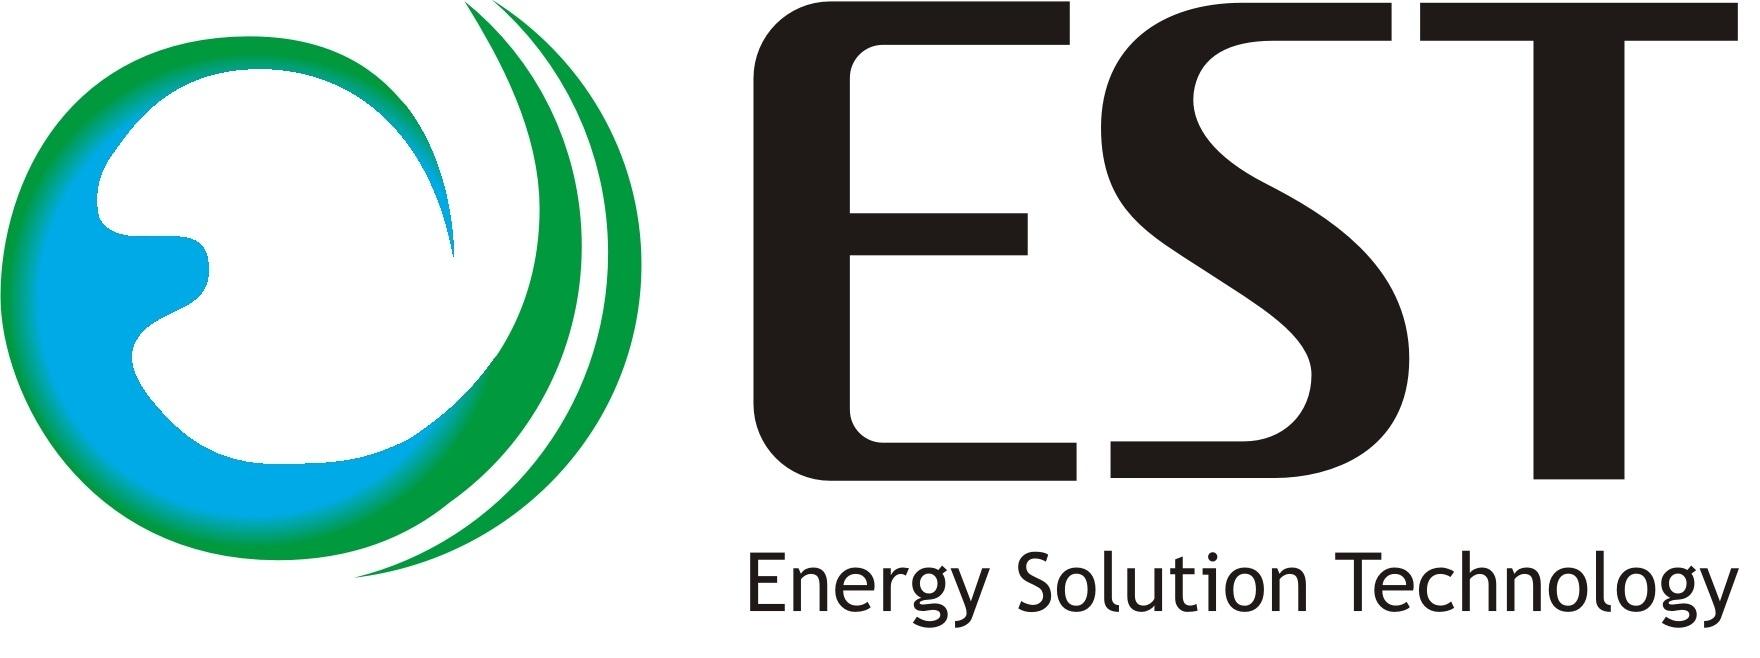 글로벌스탠다드테크놀로지의 계열사 (주)이에스티의 로고